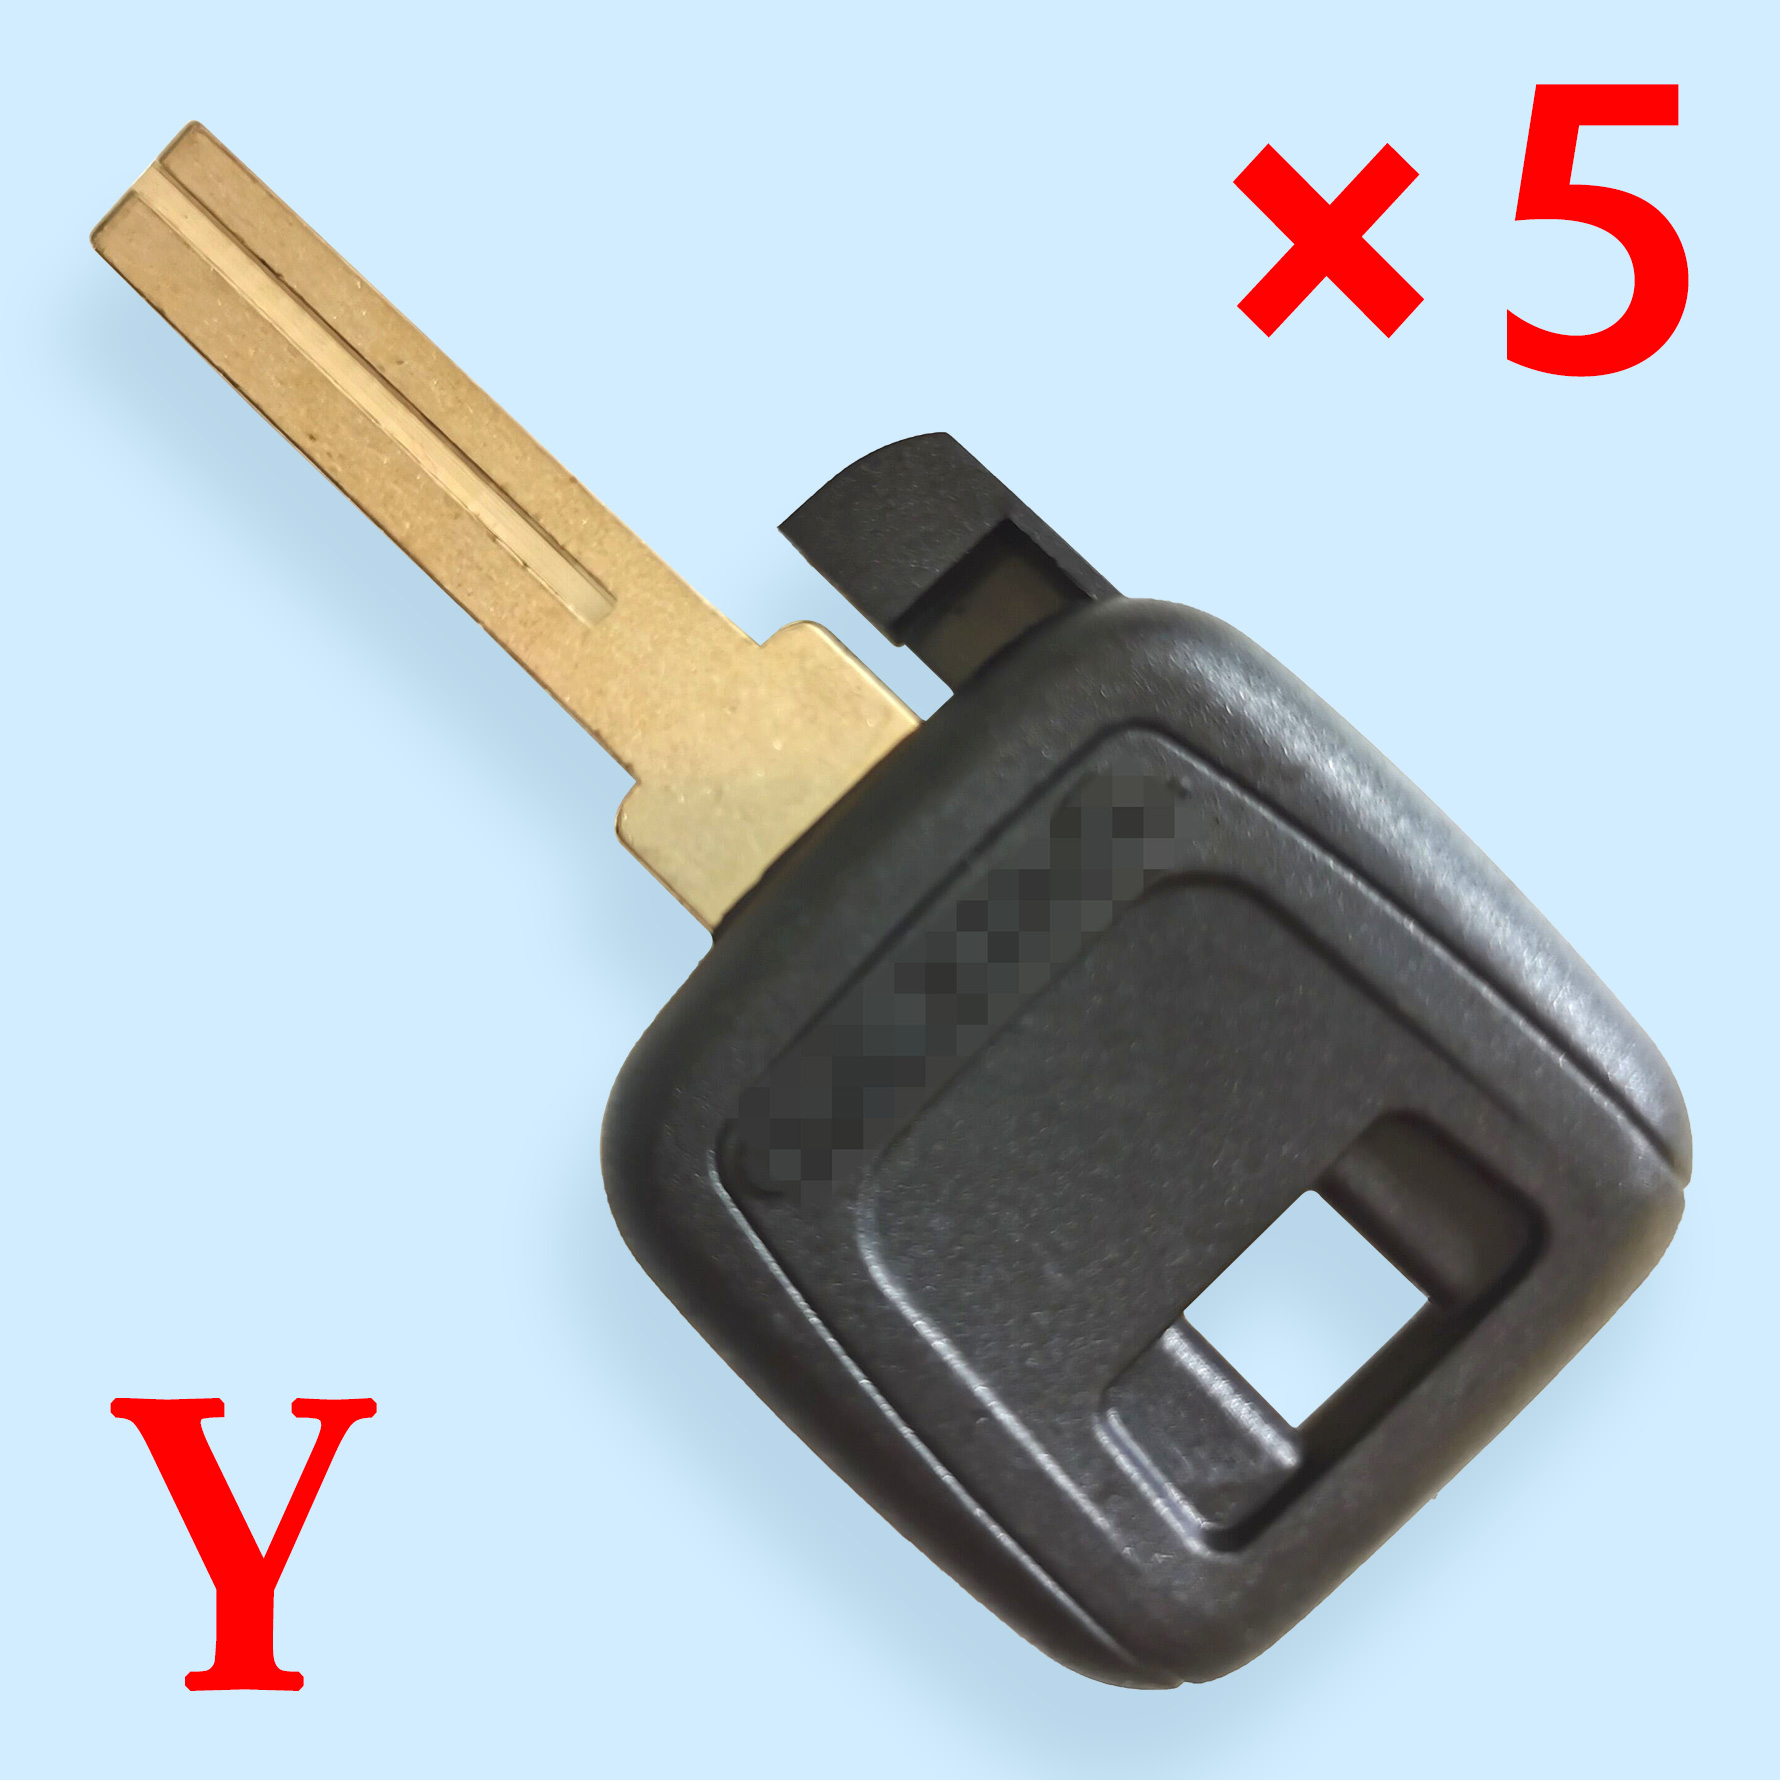 NE66 Transponder Key Shell for Volvo - Pack of 5